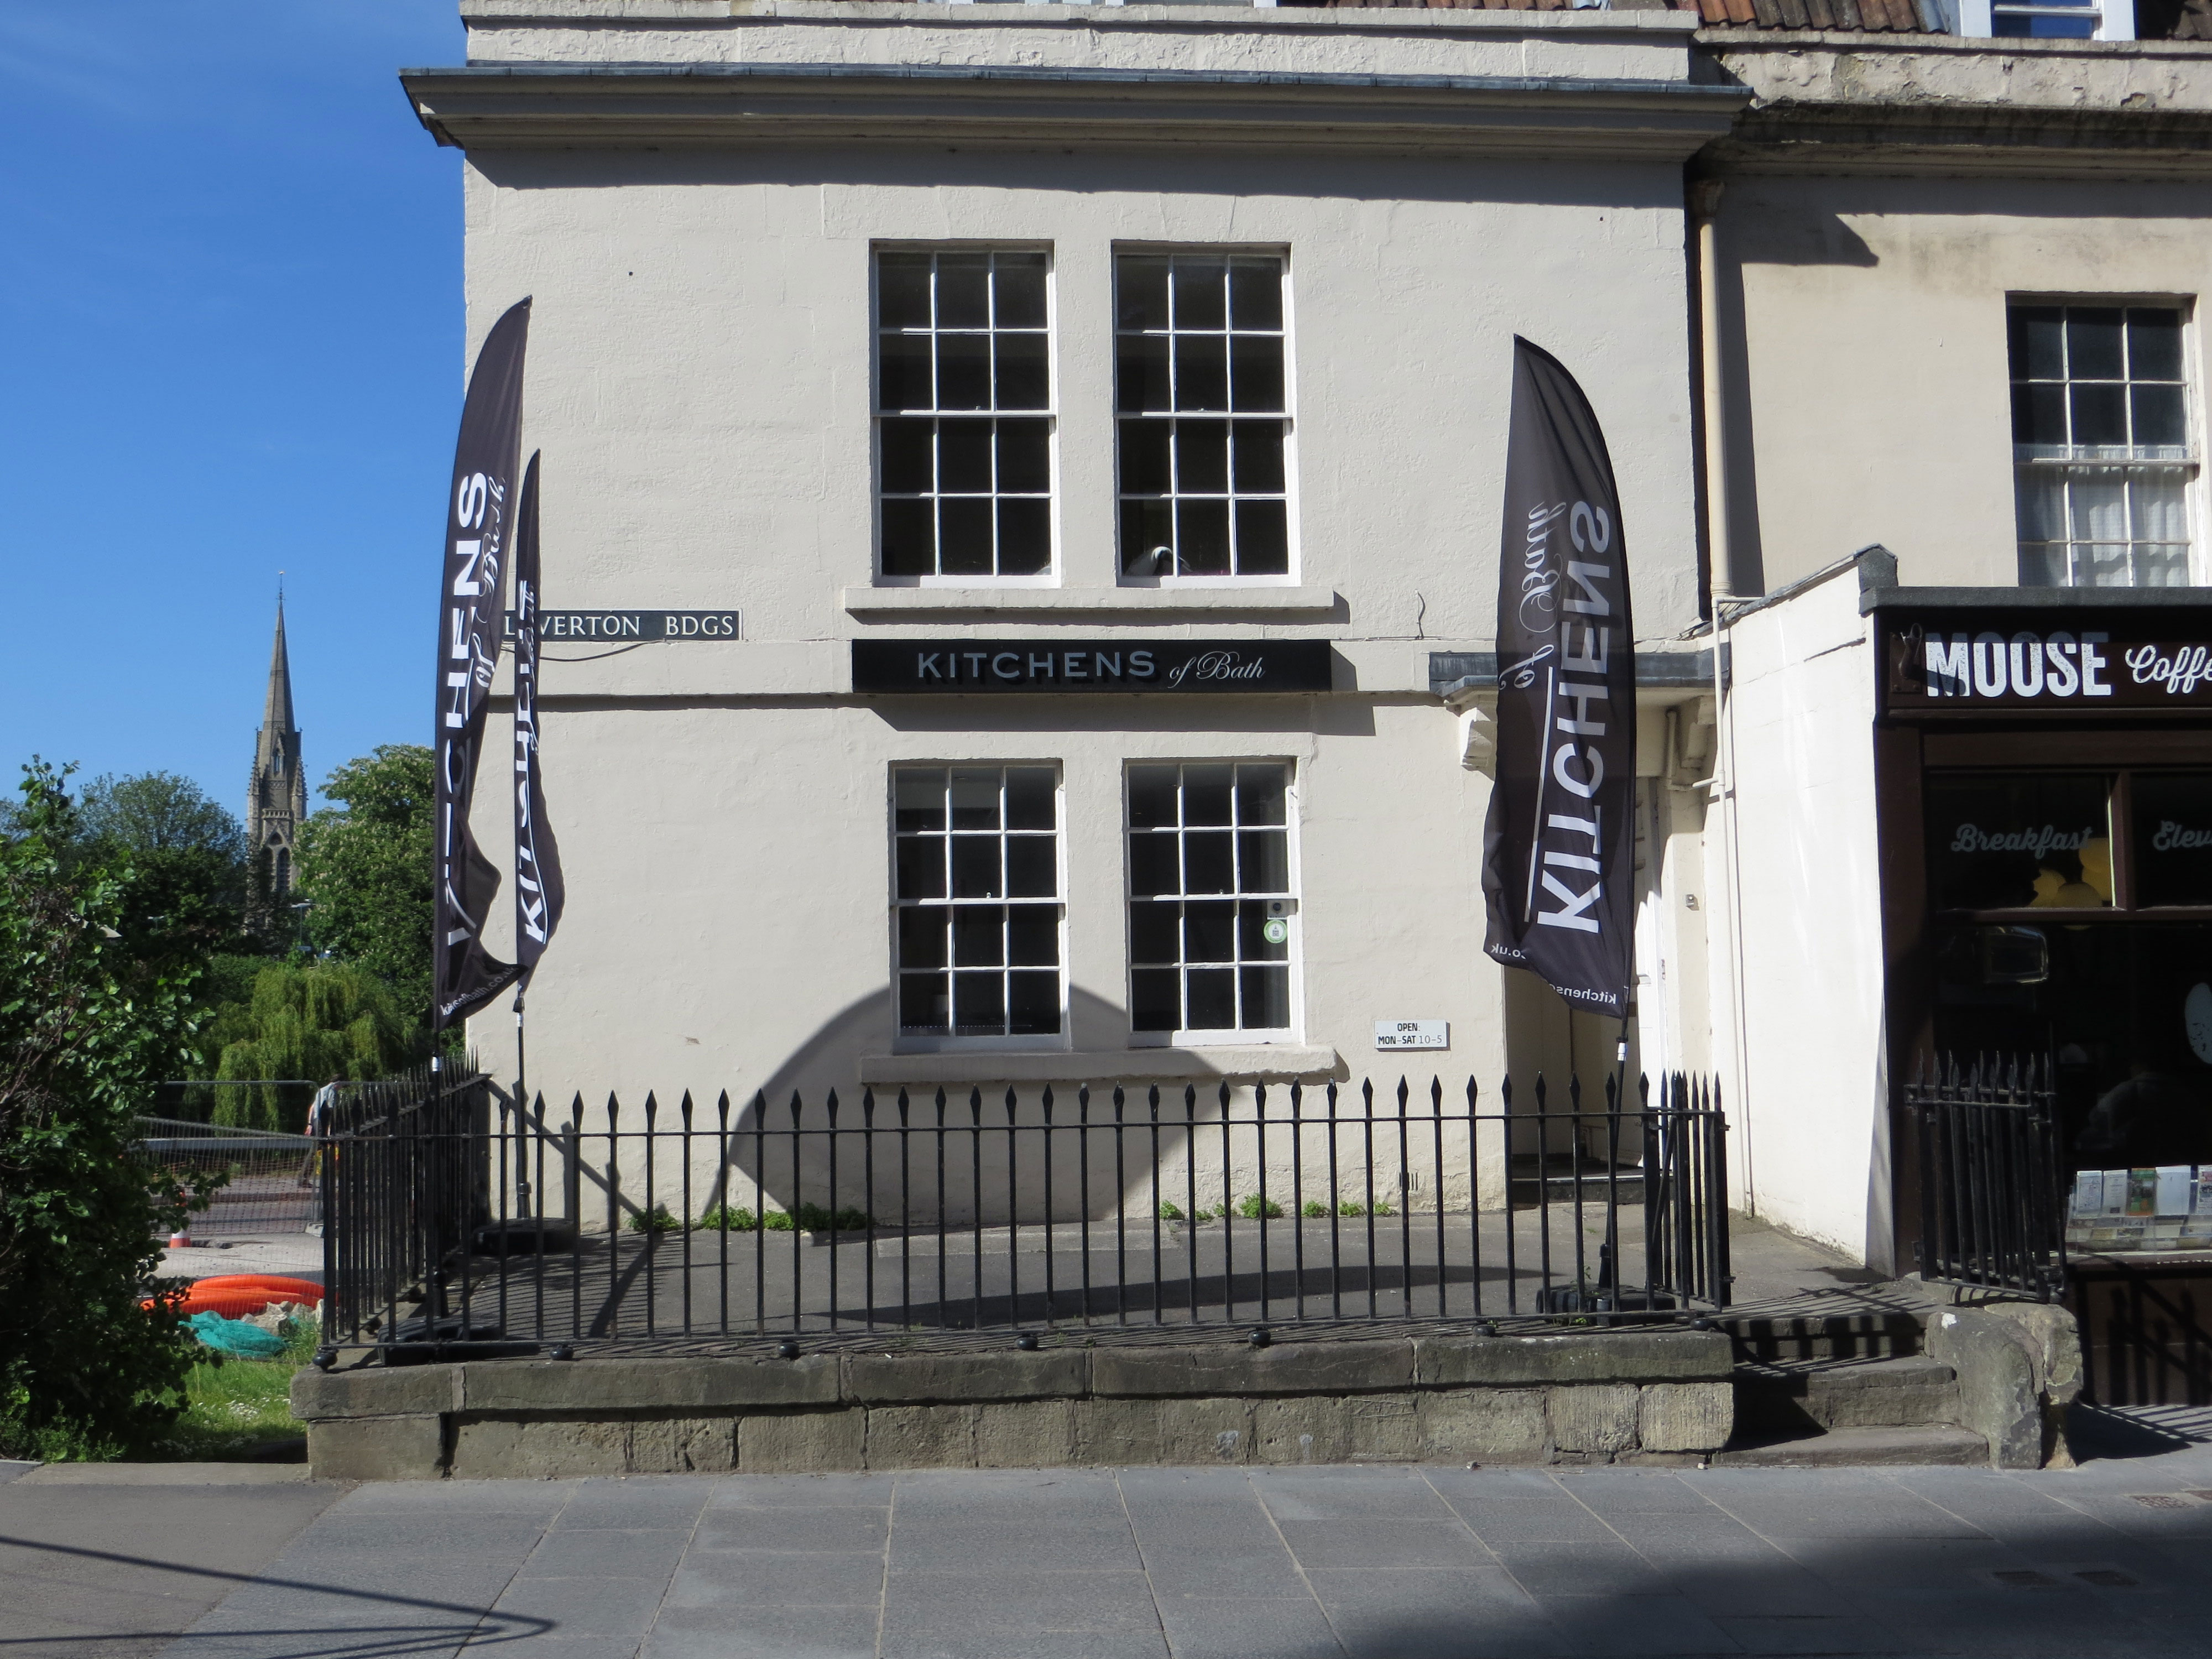 The dress agency widcombe bath - Kitchens Of Bath